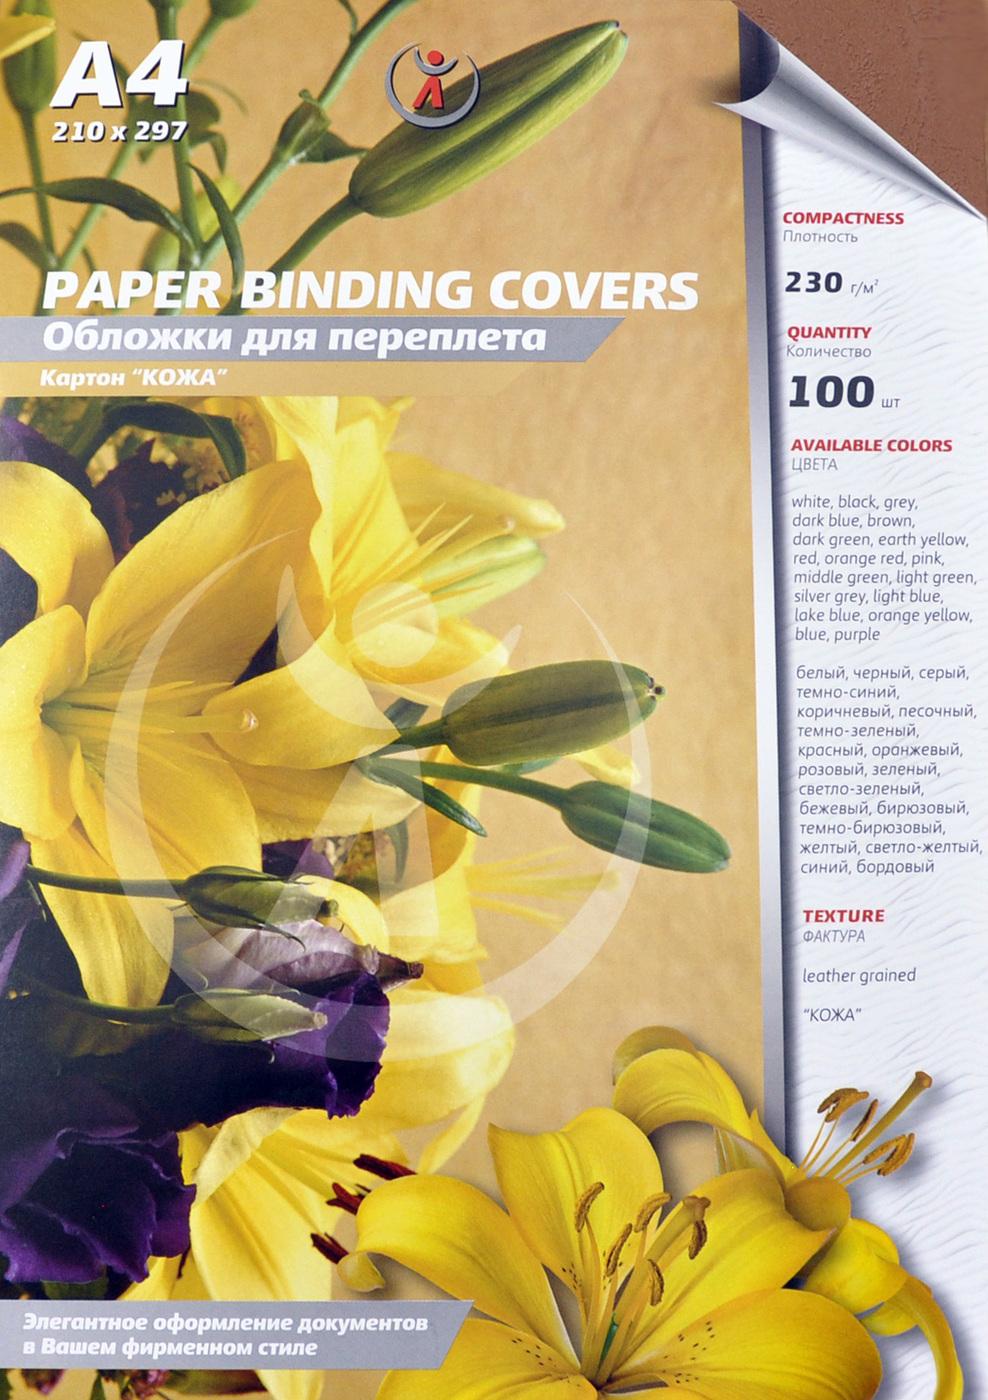 Обложки для переплета картонные, текстура: кожа, 230г/м2, А4, коричневые